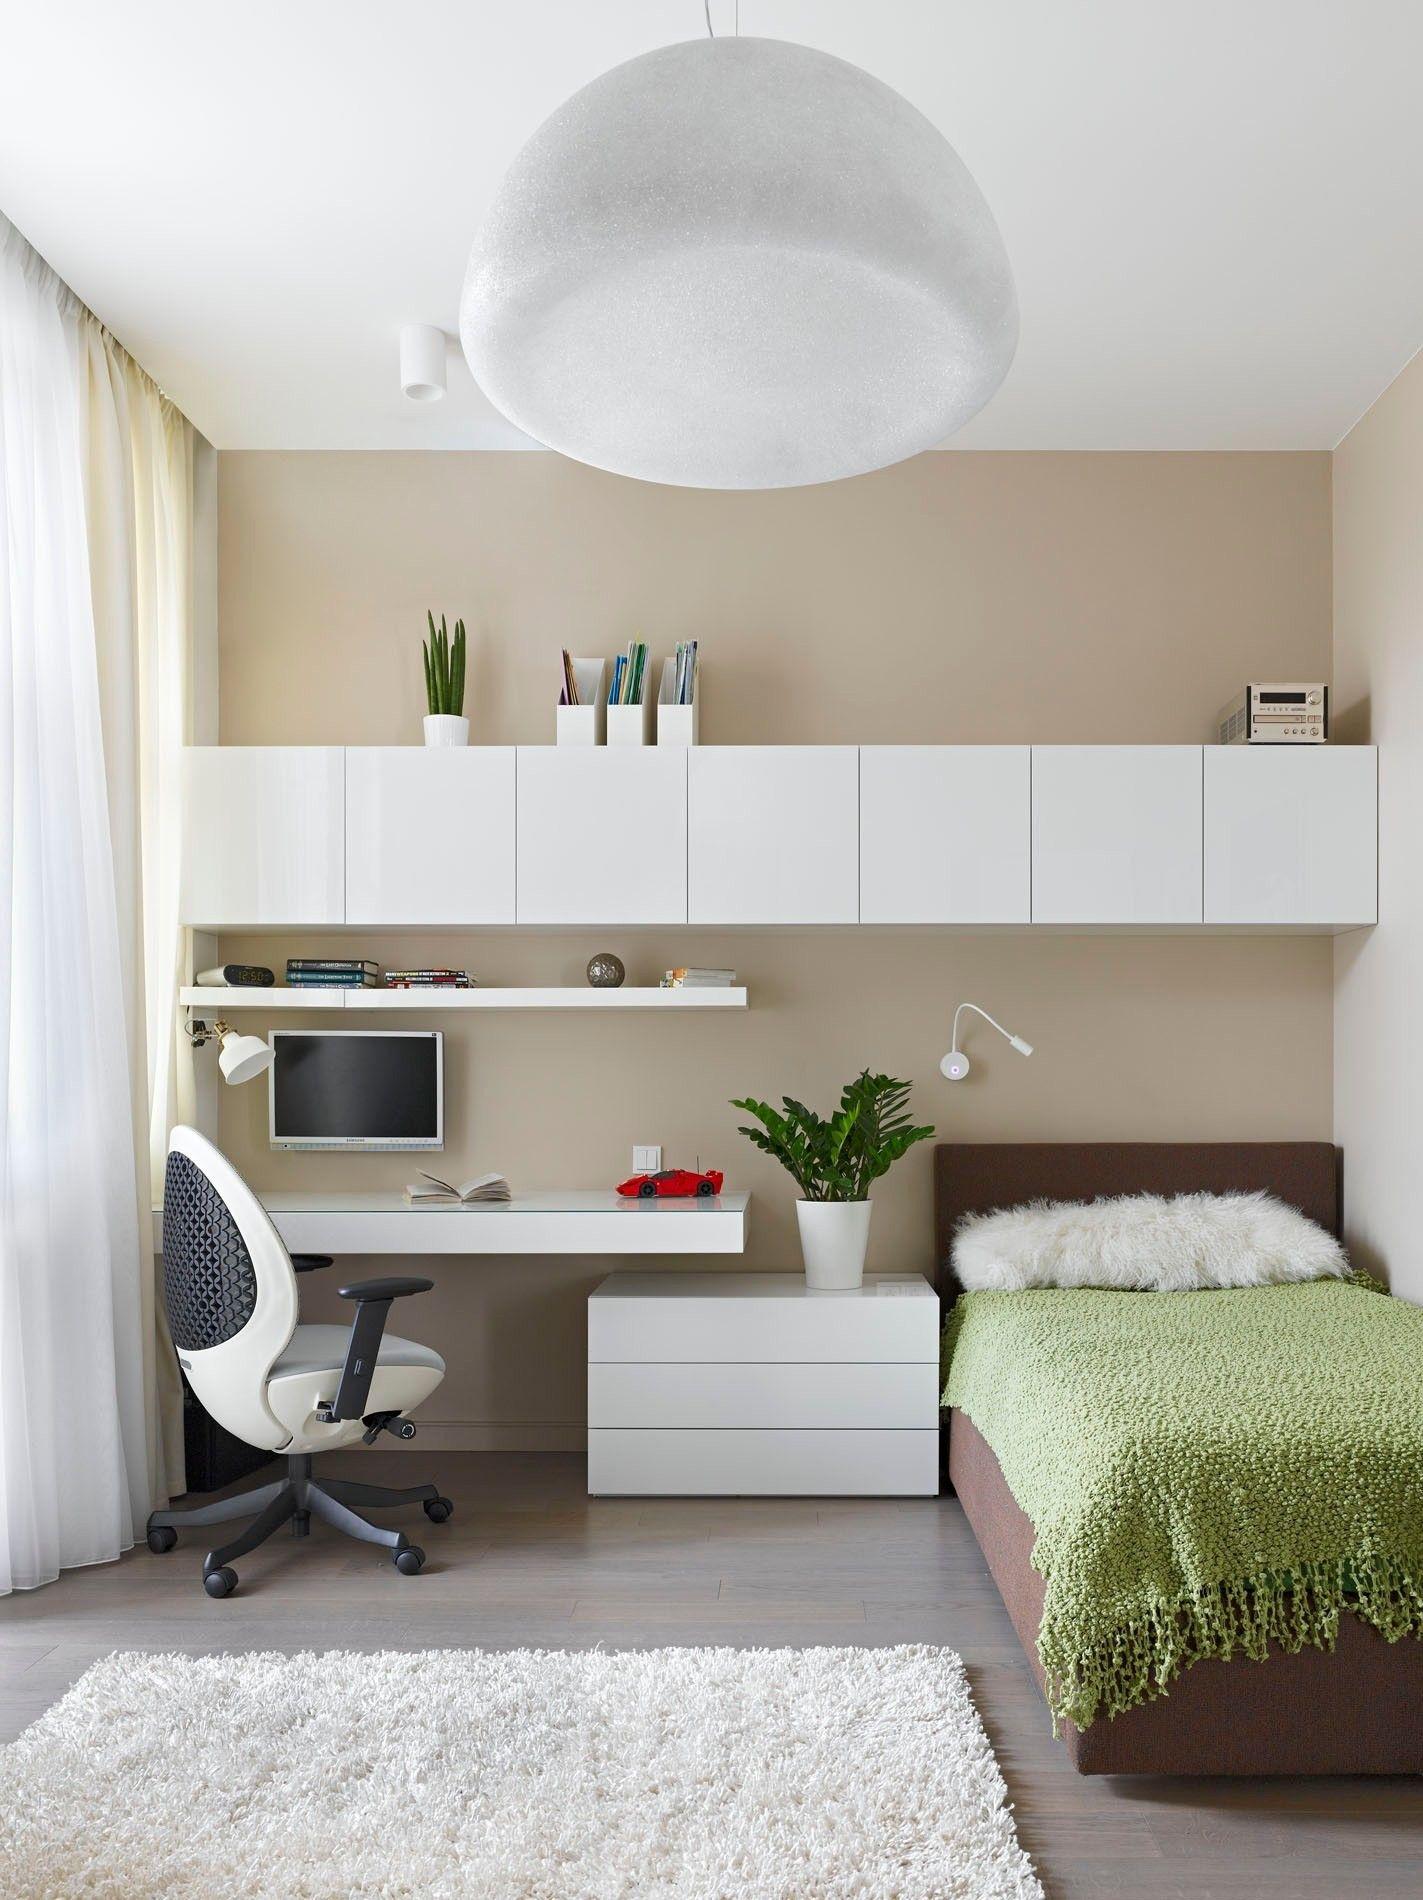 Come Arredare Camera Letto Piccola cameretta dei bambini • 70 idee per una stanza moderna e